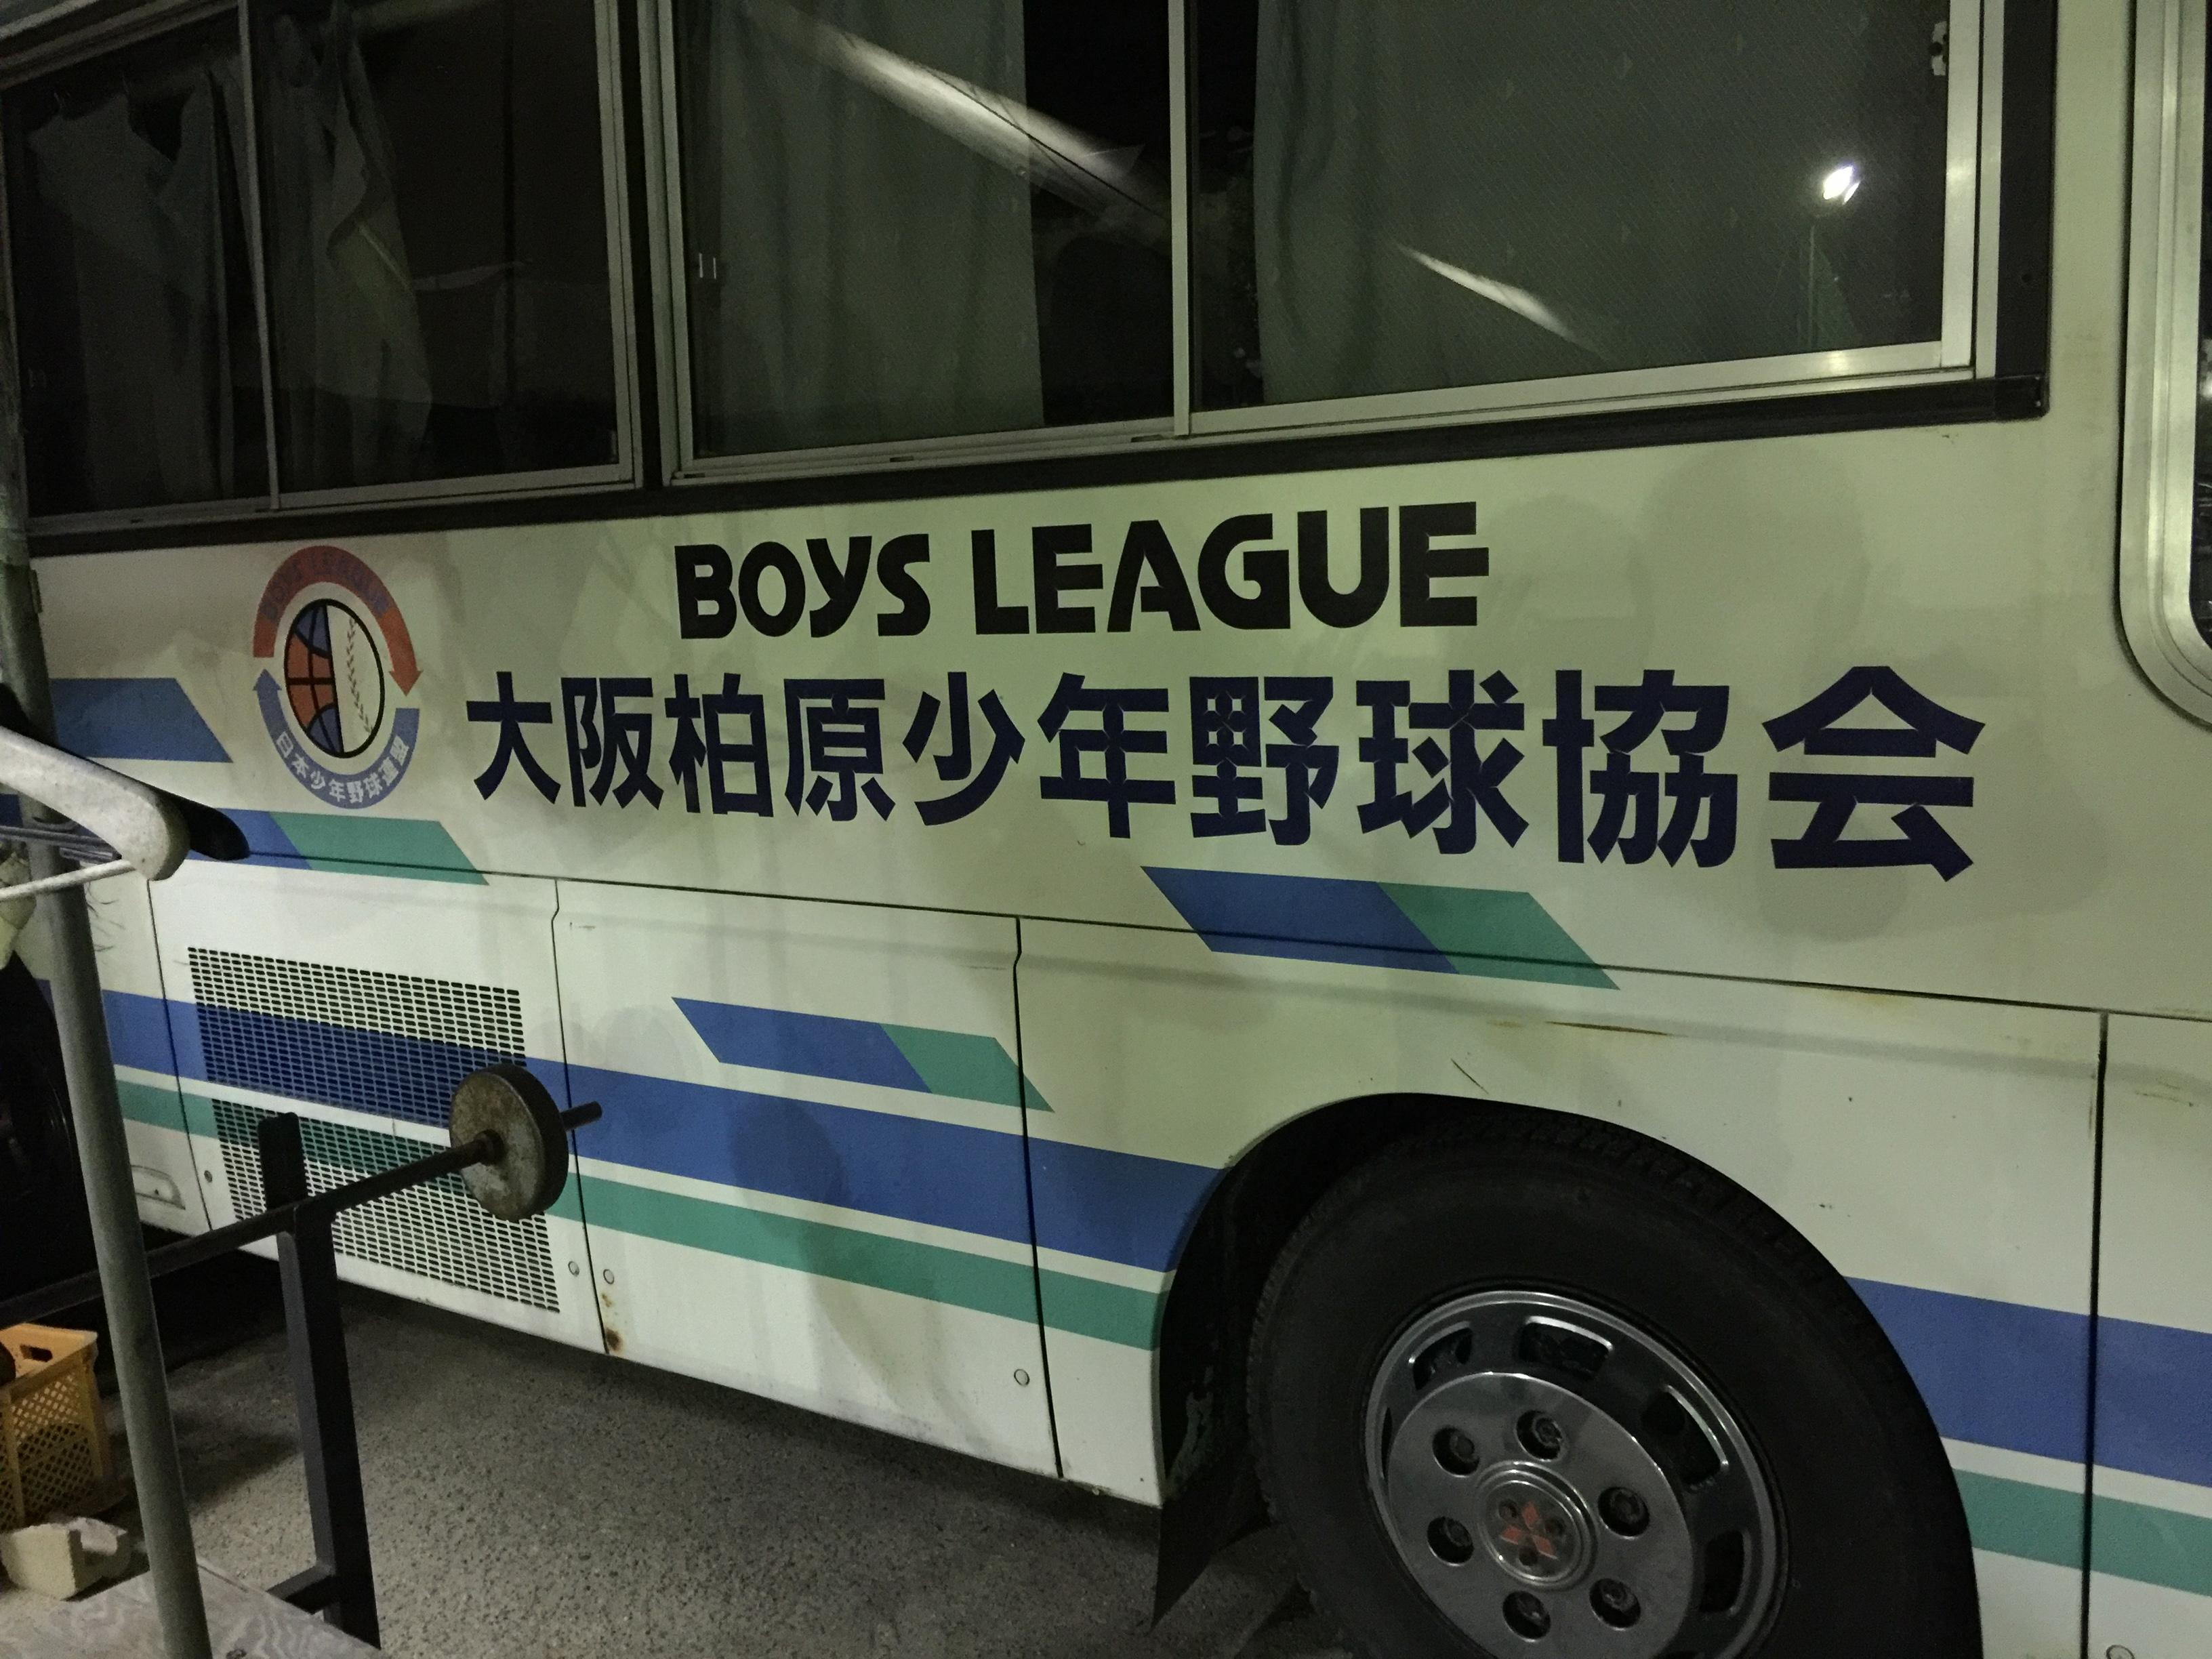 遠征に欠かせない大型バス